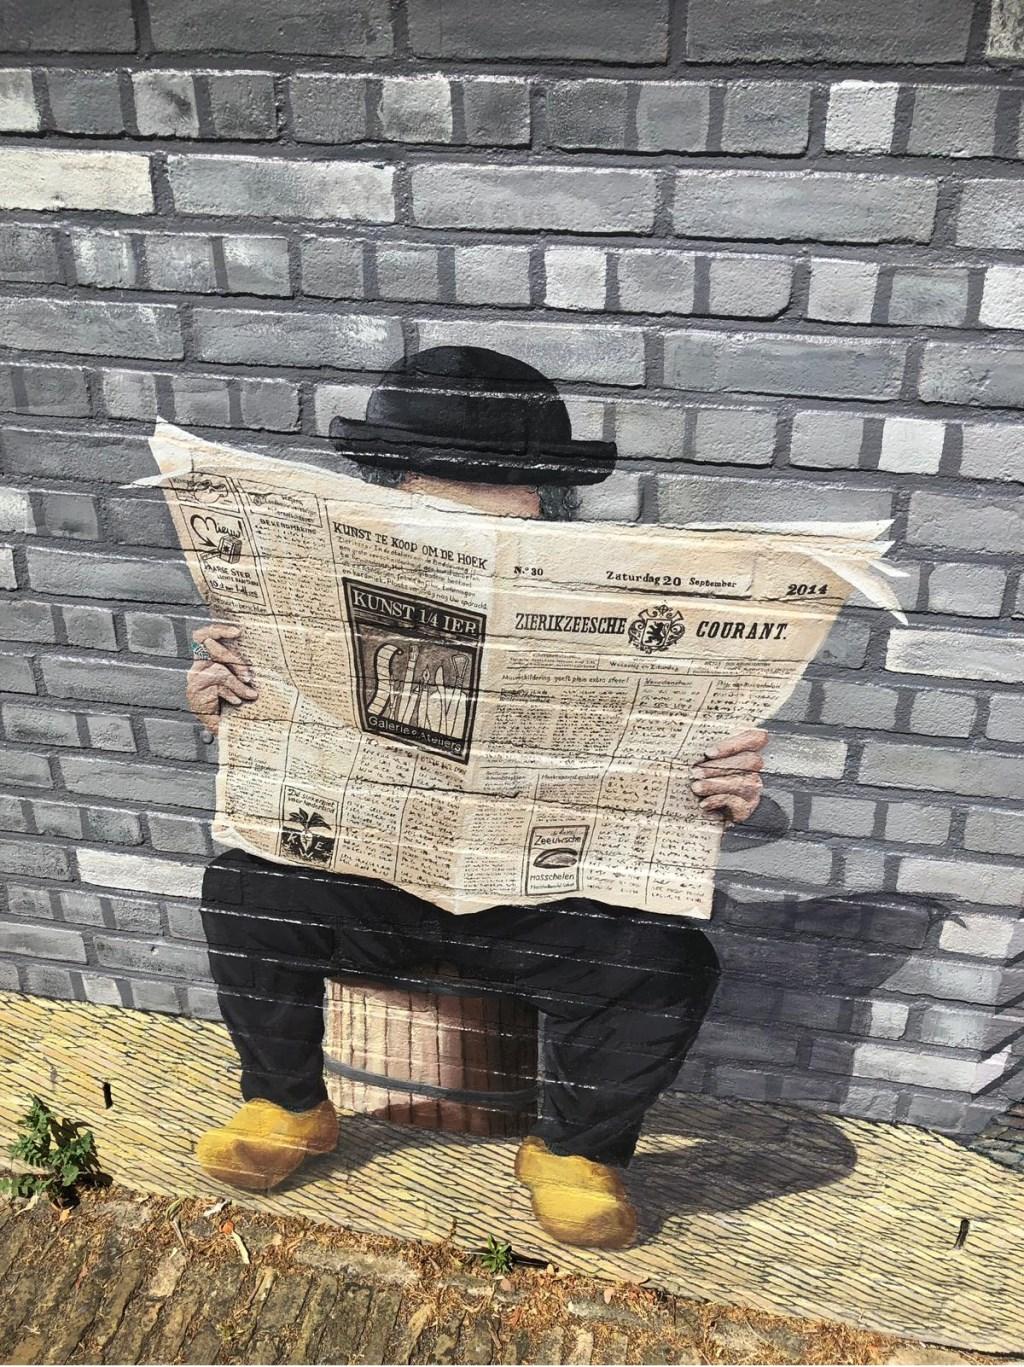 Ook in Zierikzee lezen ze de krant muurschildering. Foto: Jan Versantvoort  © MooiRooi